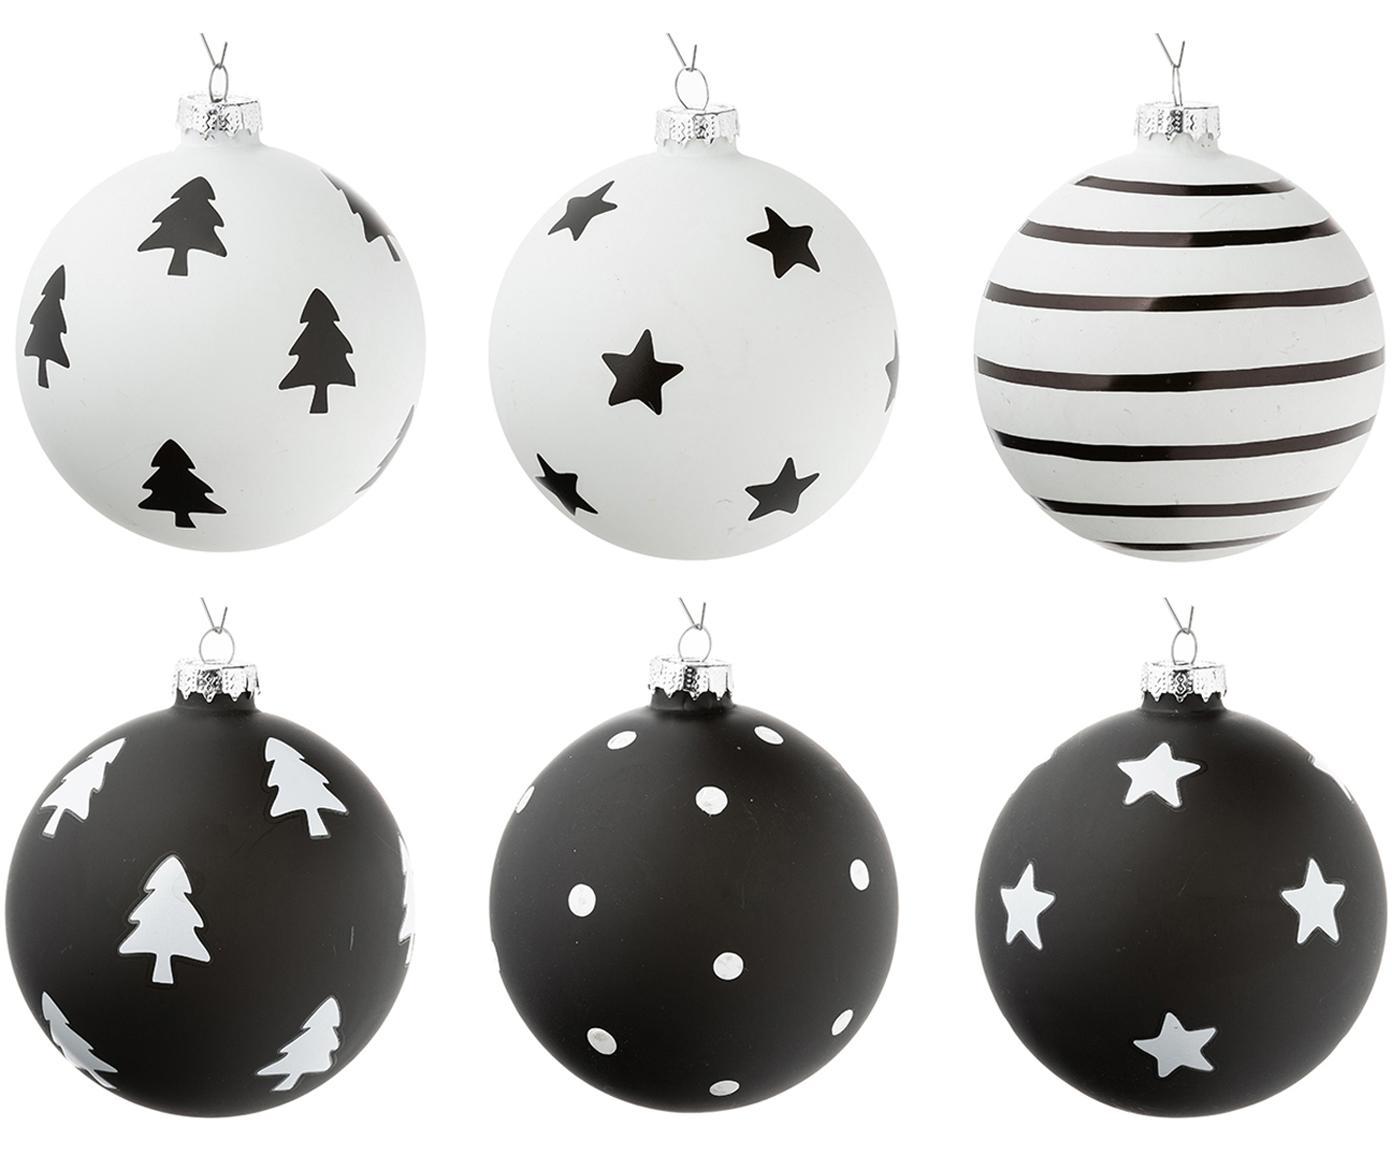 Weihnachtskugeln-Set Bullerbü, 6-tlg., Weiss, Schwarz, Ø 10 cm